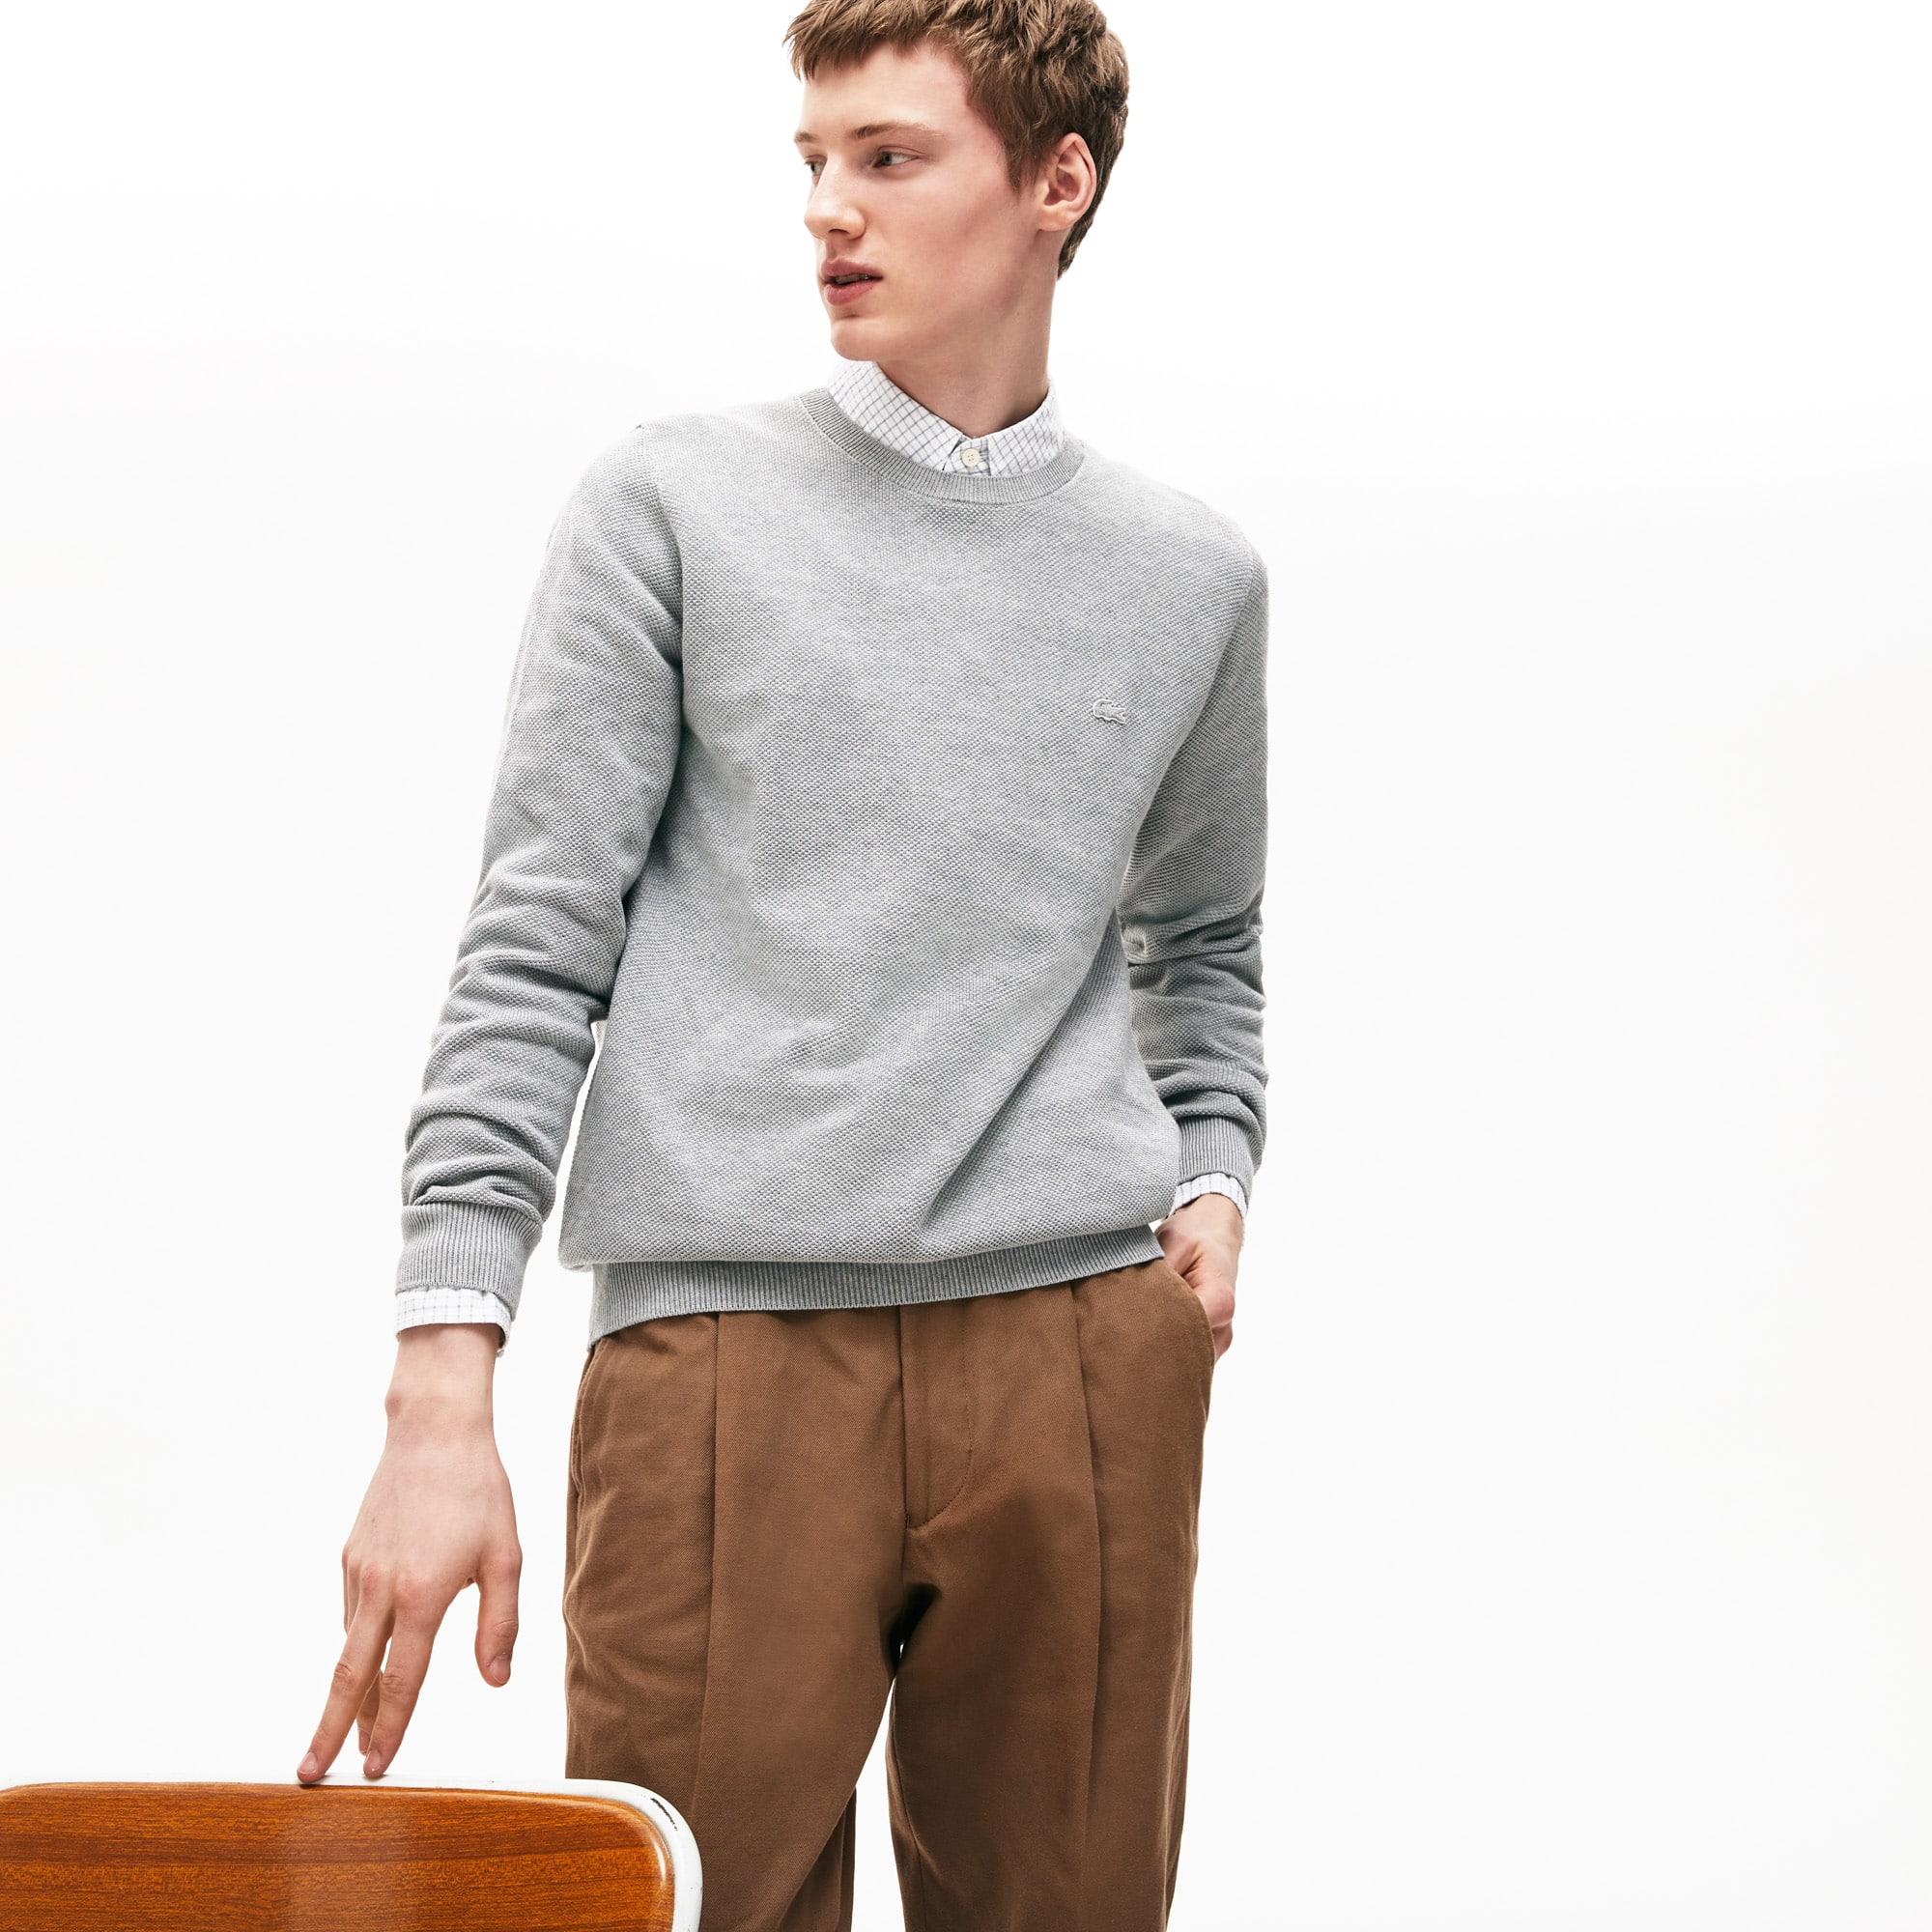 Lacoste - Herren-Rundhals-Pullover aus Baumwoll-Piqué - 1